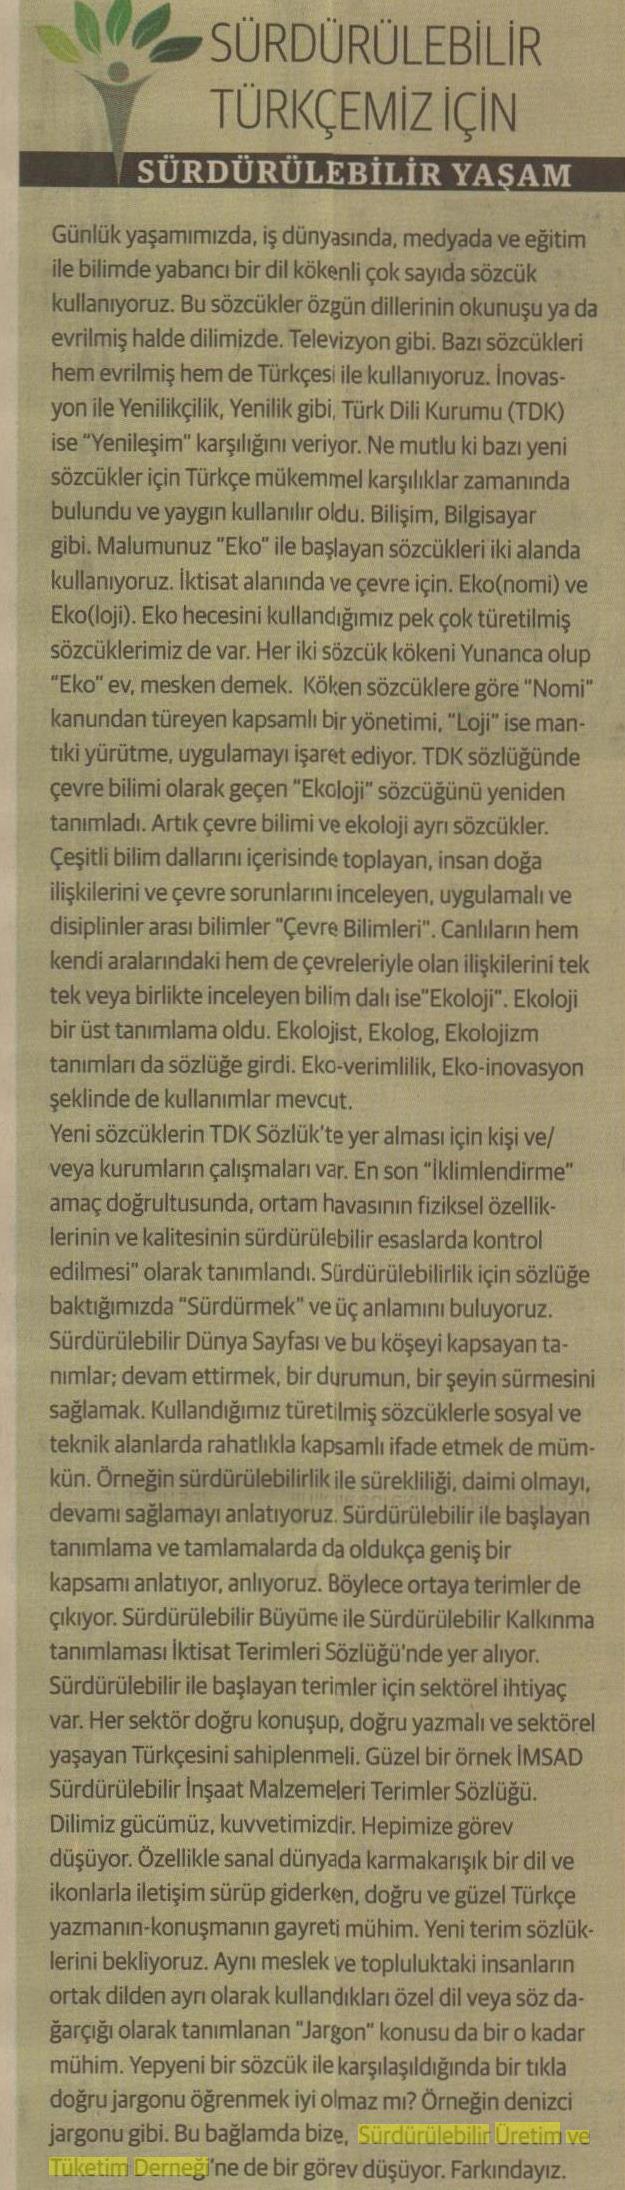 Sürdürülebilir Türkçemiz İçin, Sürdürülebilir Yaşam 23.02.2016